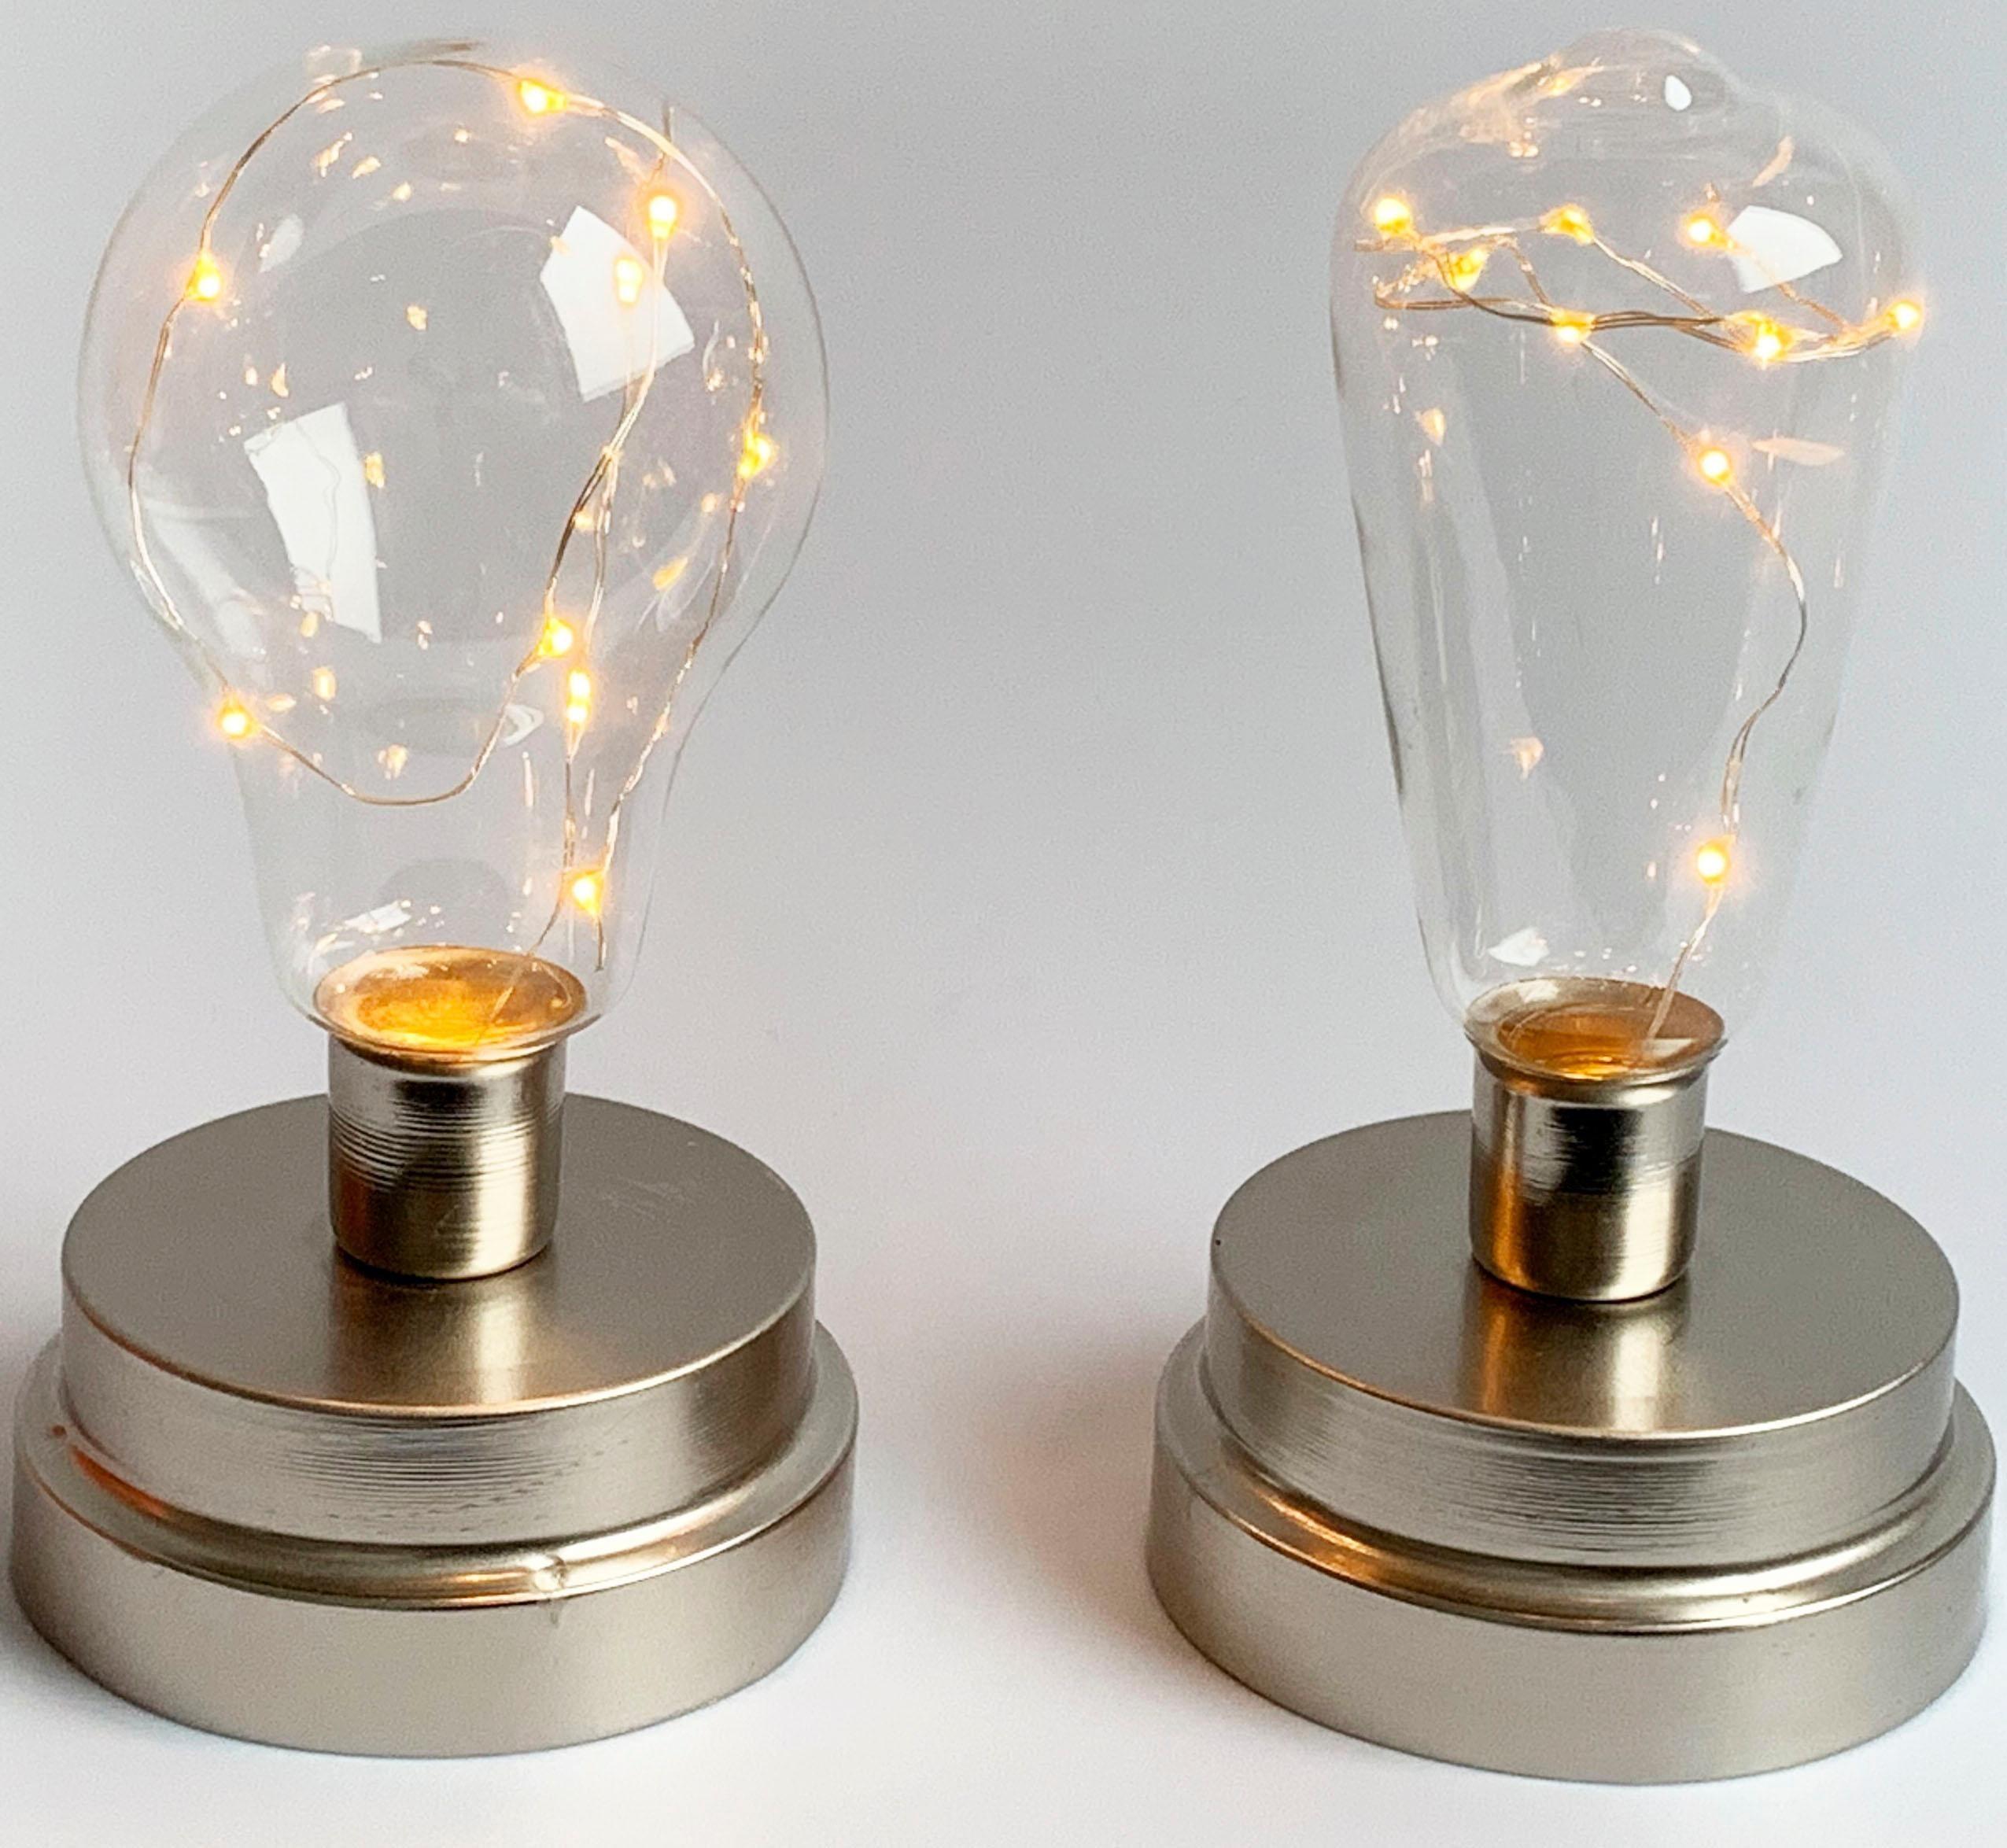 fd110e46cc69 Led Lampe Batterie Preisvergleich • Die besten Angebote online kaufen